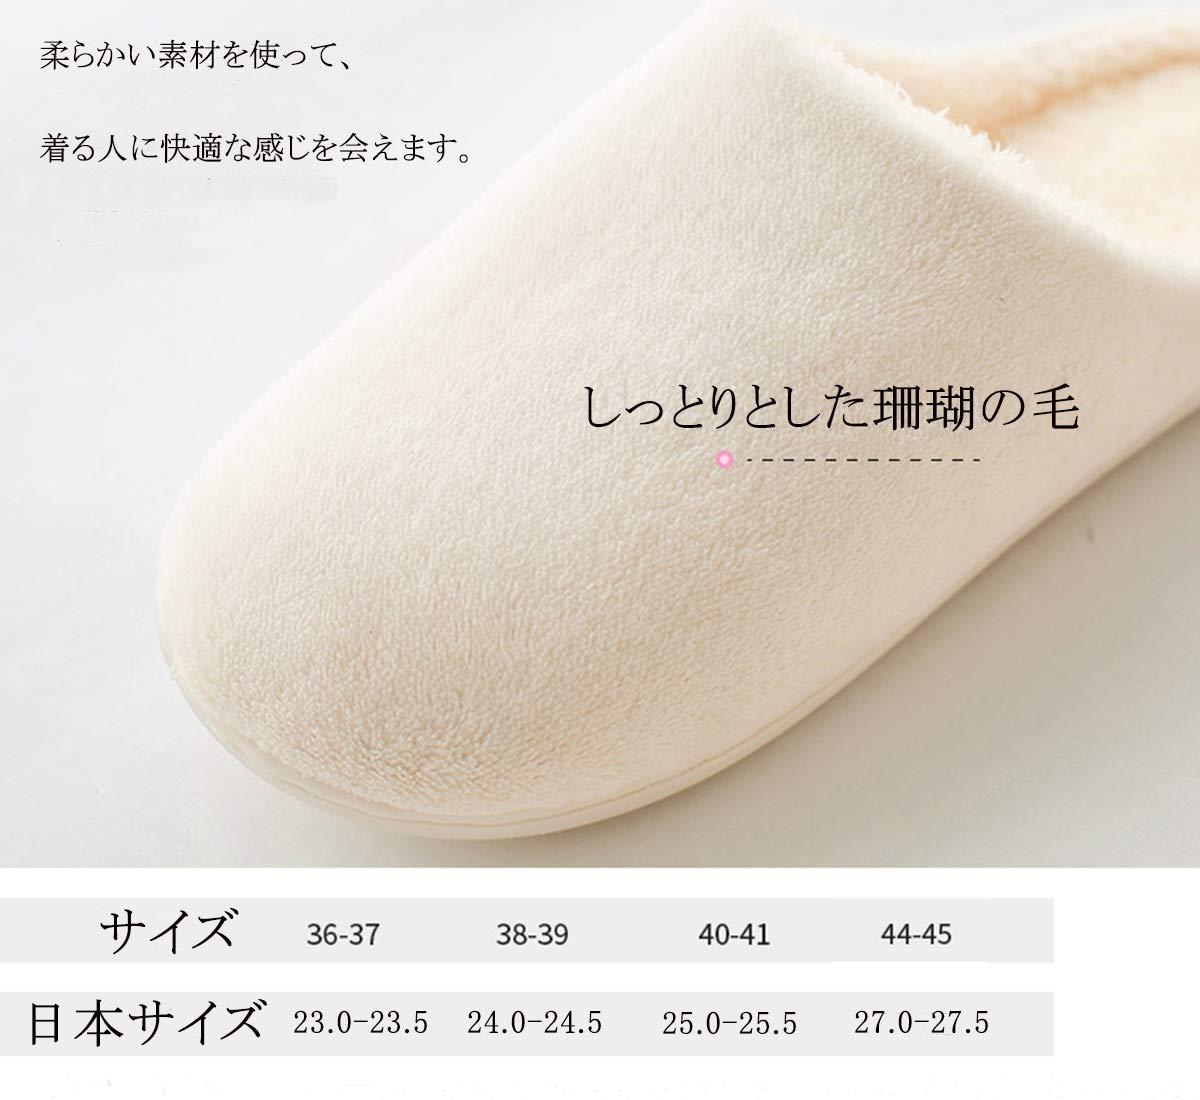 室内履き スリッパ メンズ レディース 軽量 無地 綿縫製 滑り止め 男女兼用 gray-40-41